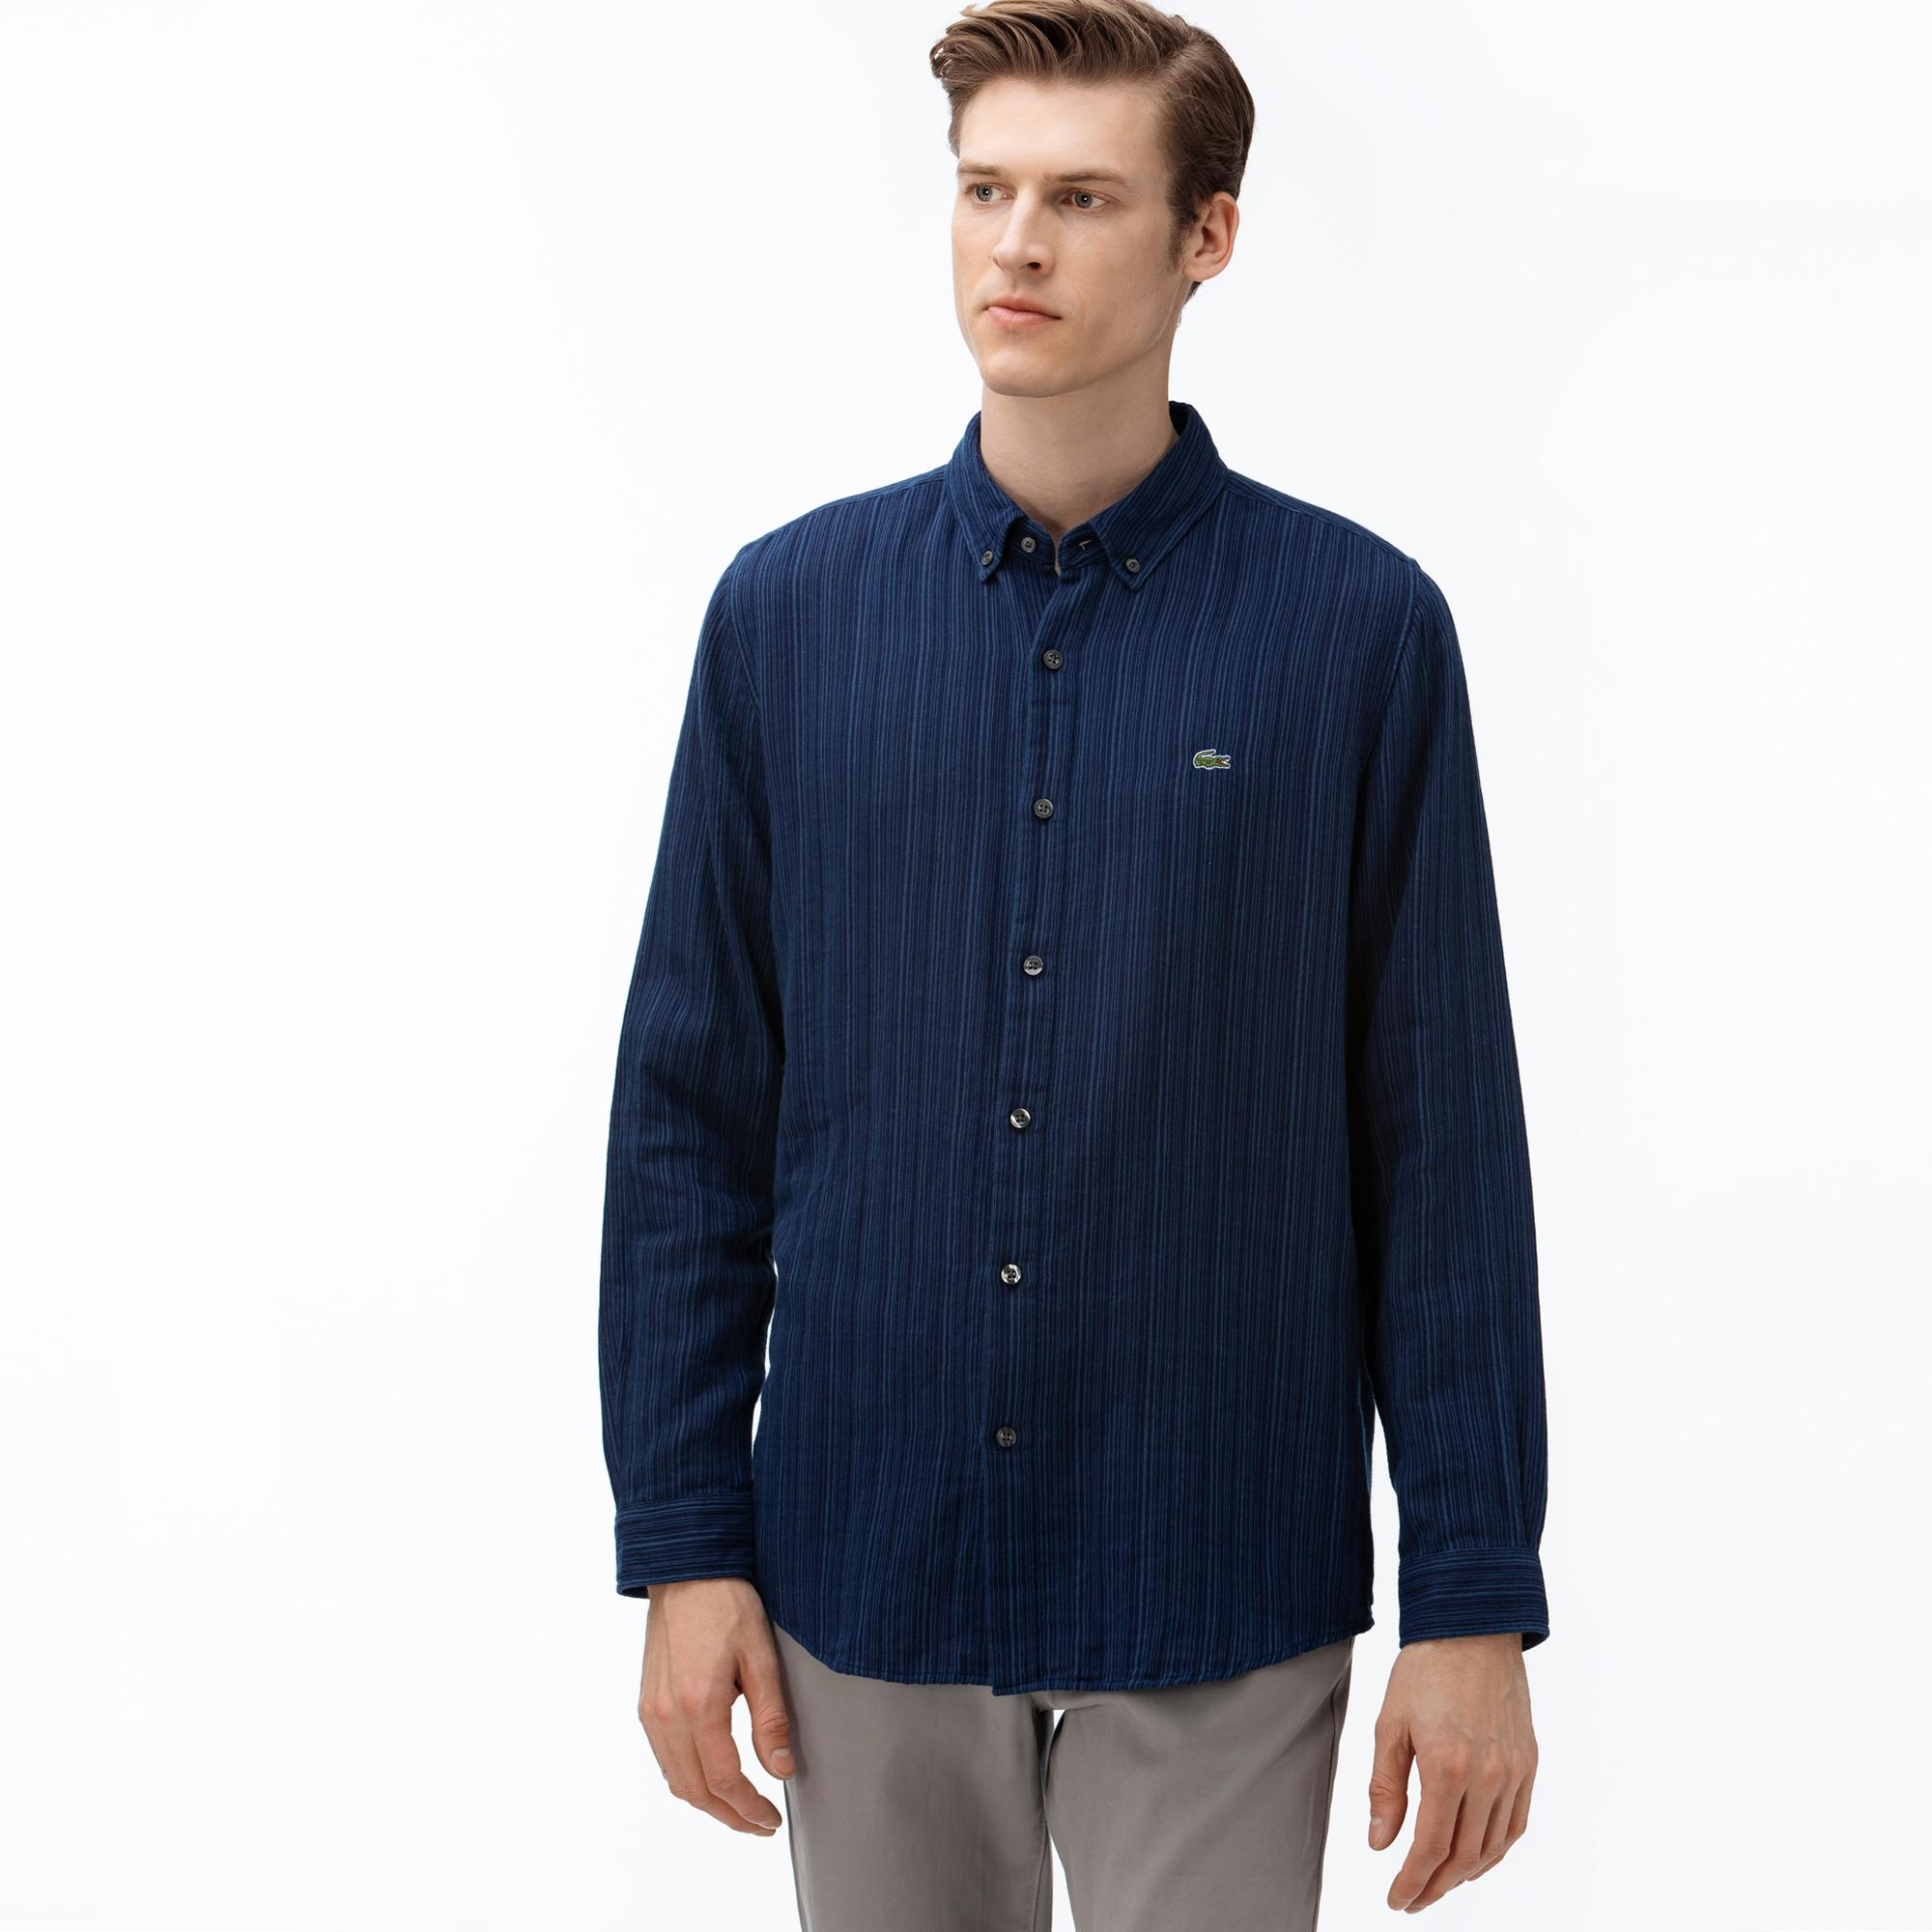 Lacoste Erkek Regular Fit Düğmeli Yaka Çizgili Lacivert Gömlek